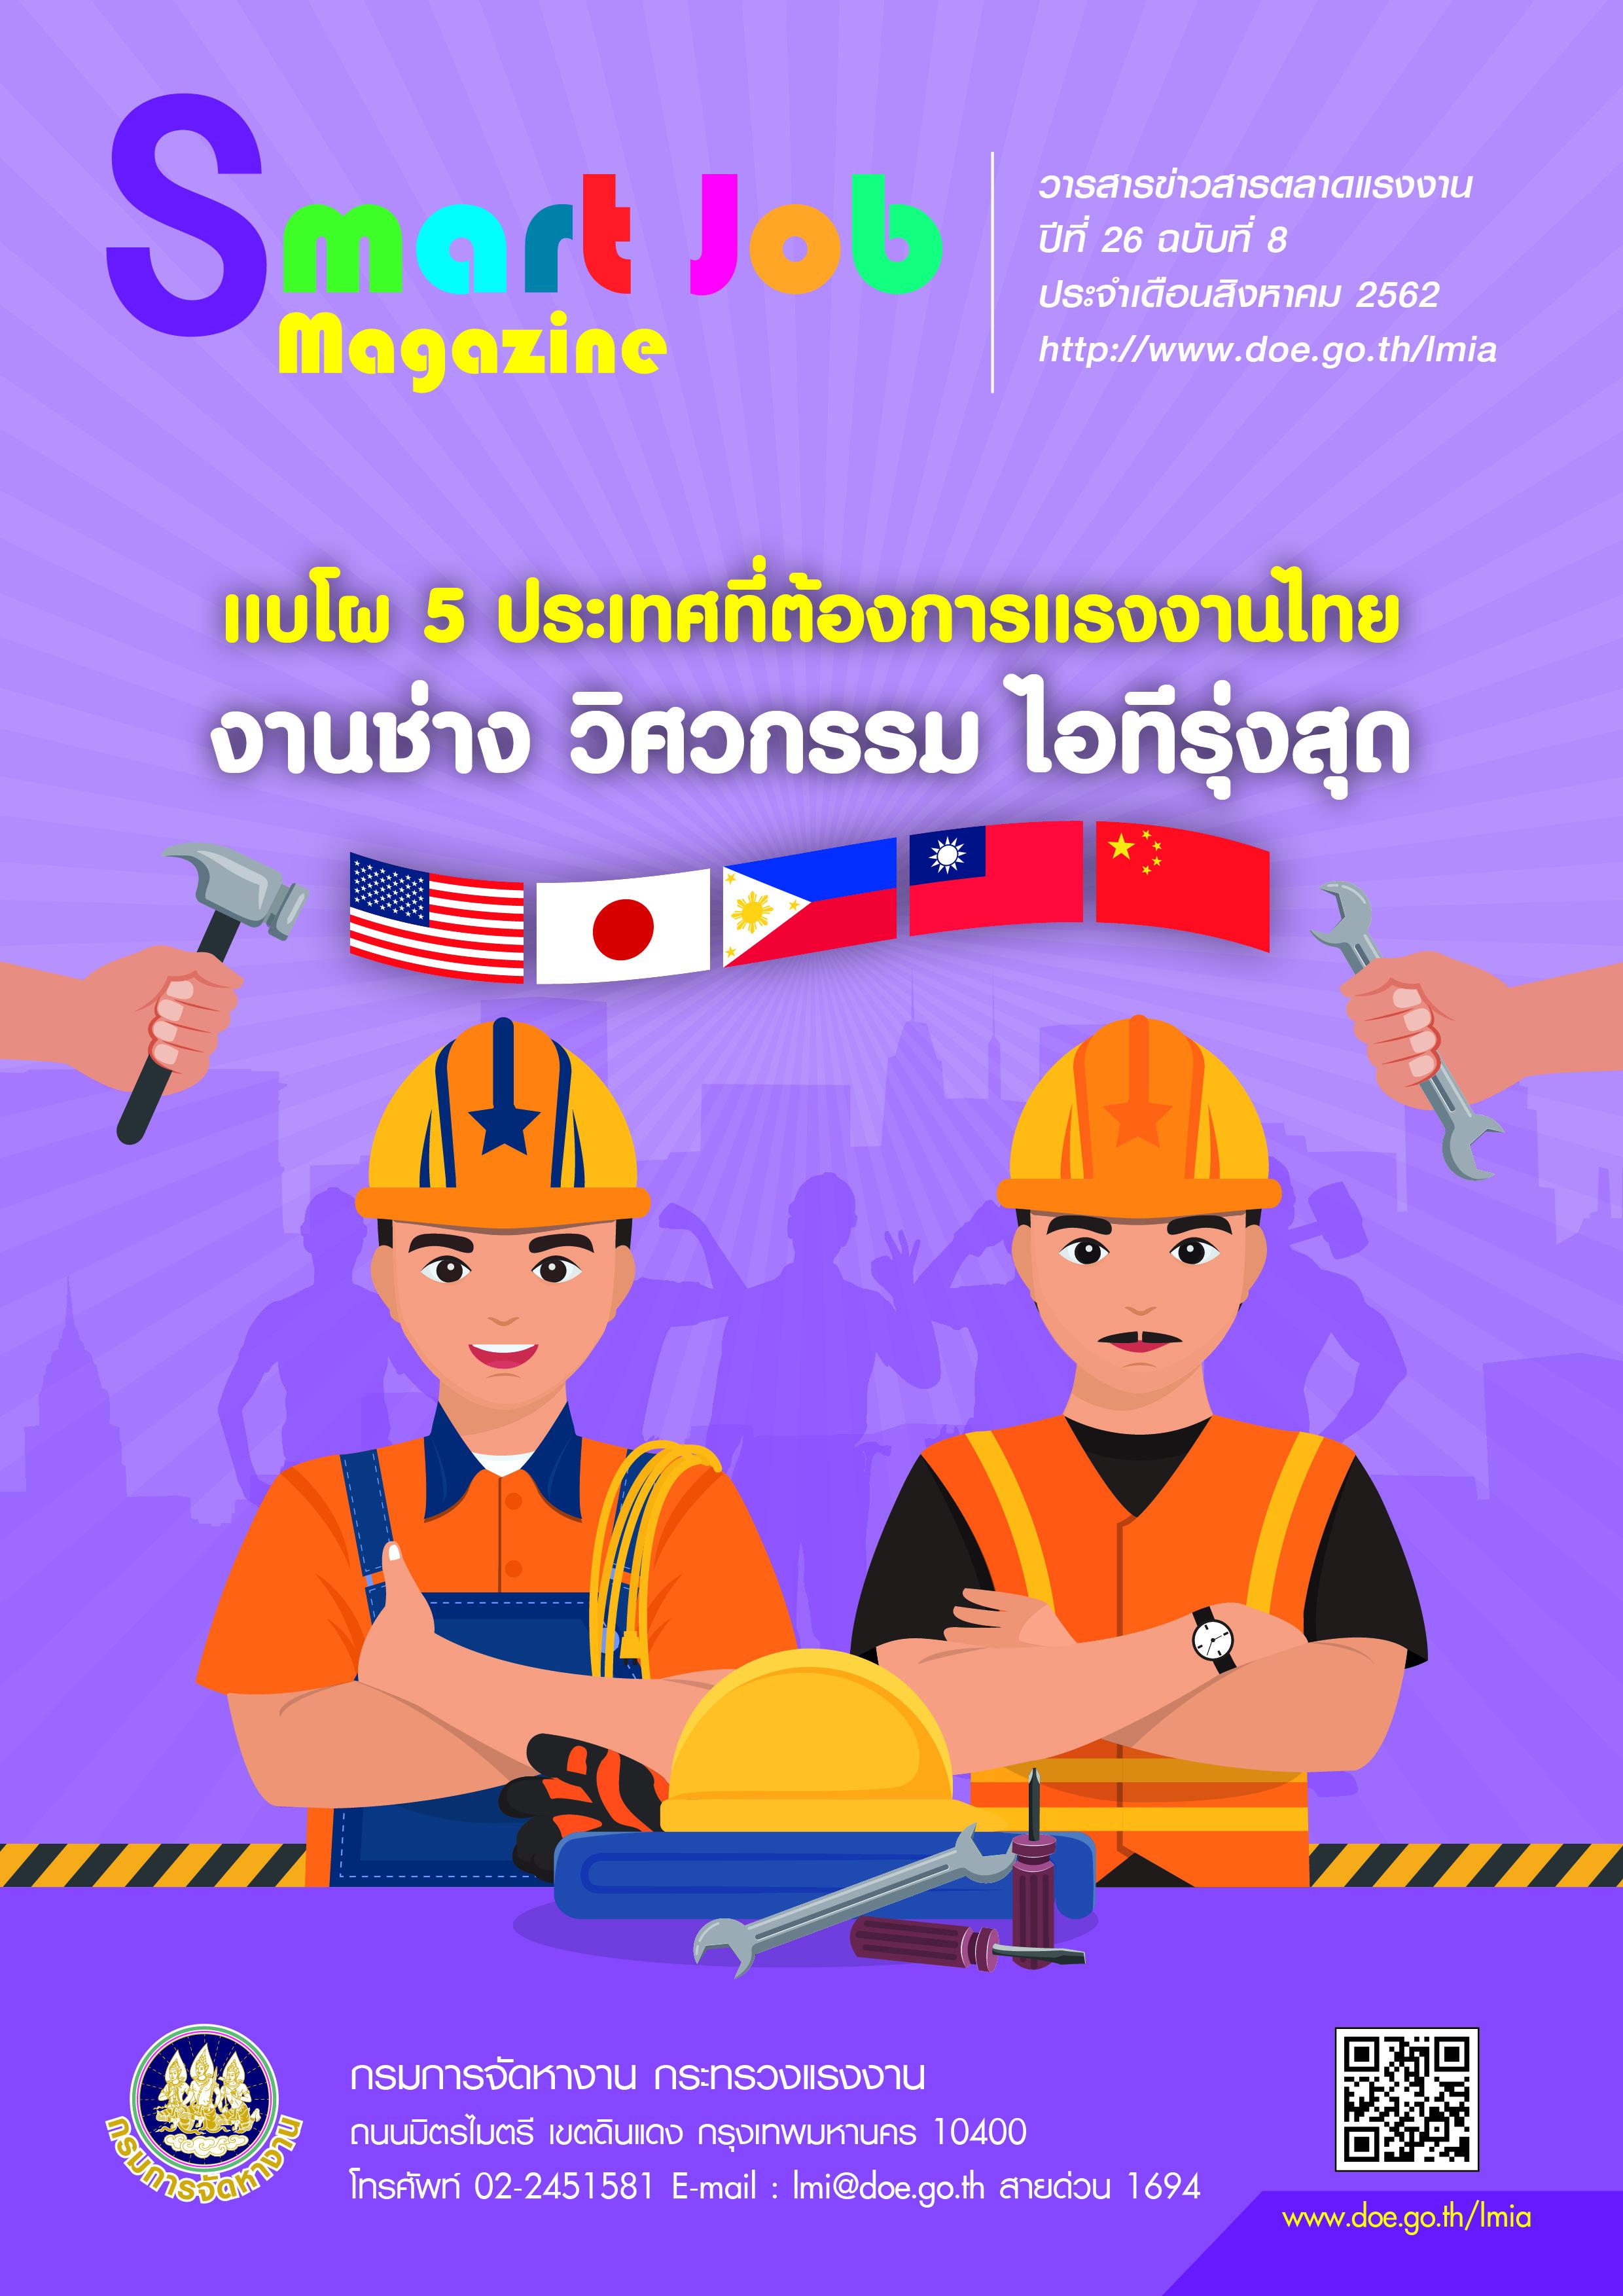 ปก วารสารข่าวสารตลาดแรงงาน Smart Job Magazine ประจำเดือนสิงหาคม 2562